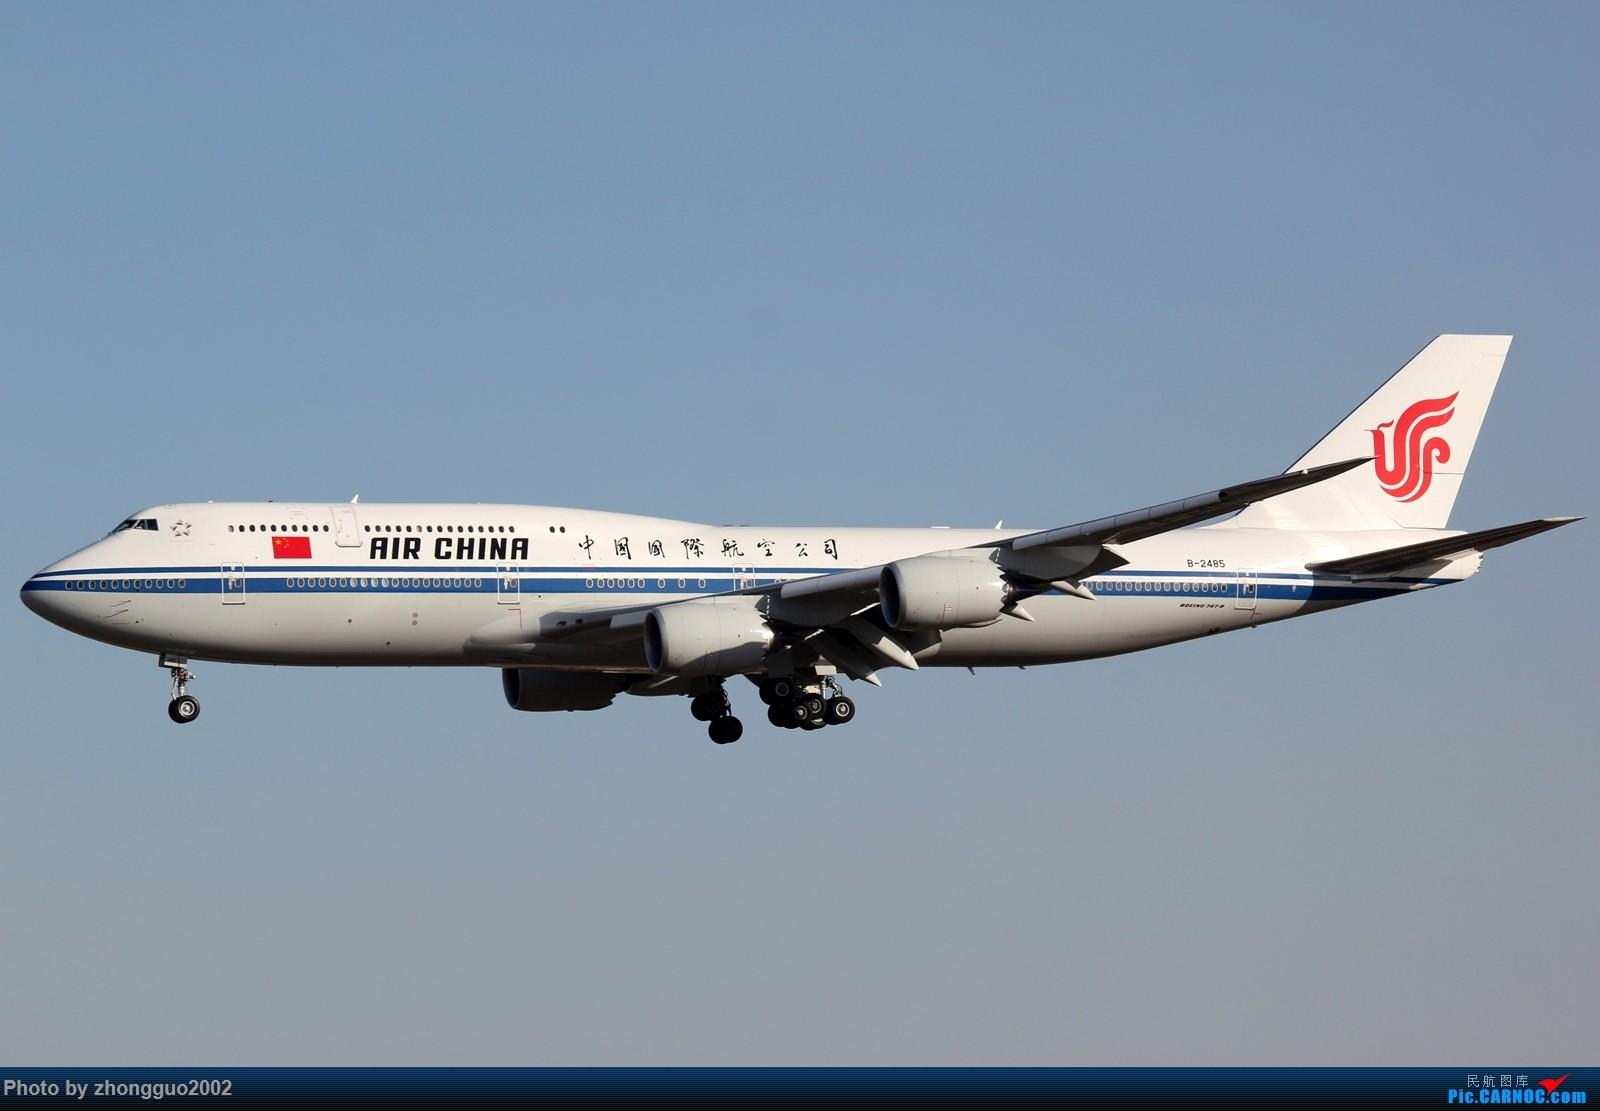 """Re:[原创]北京强劲的偏北风,把庞大的A380都""""吹""""的复飞了,我还是第一次见到,好天气再发点图吧! BOEING 747-8I B-2485 中国北京首都国际机场"""